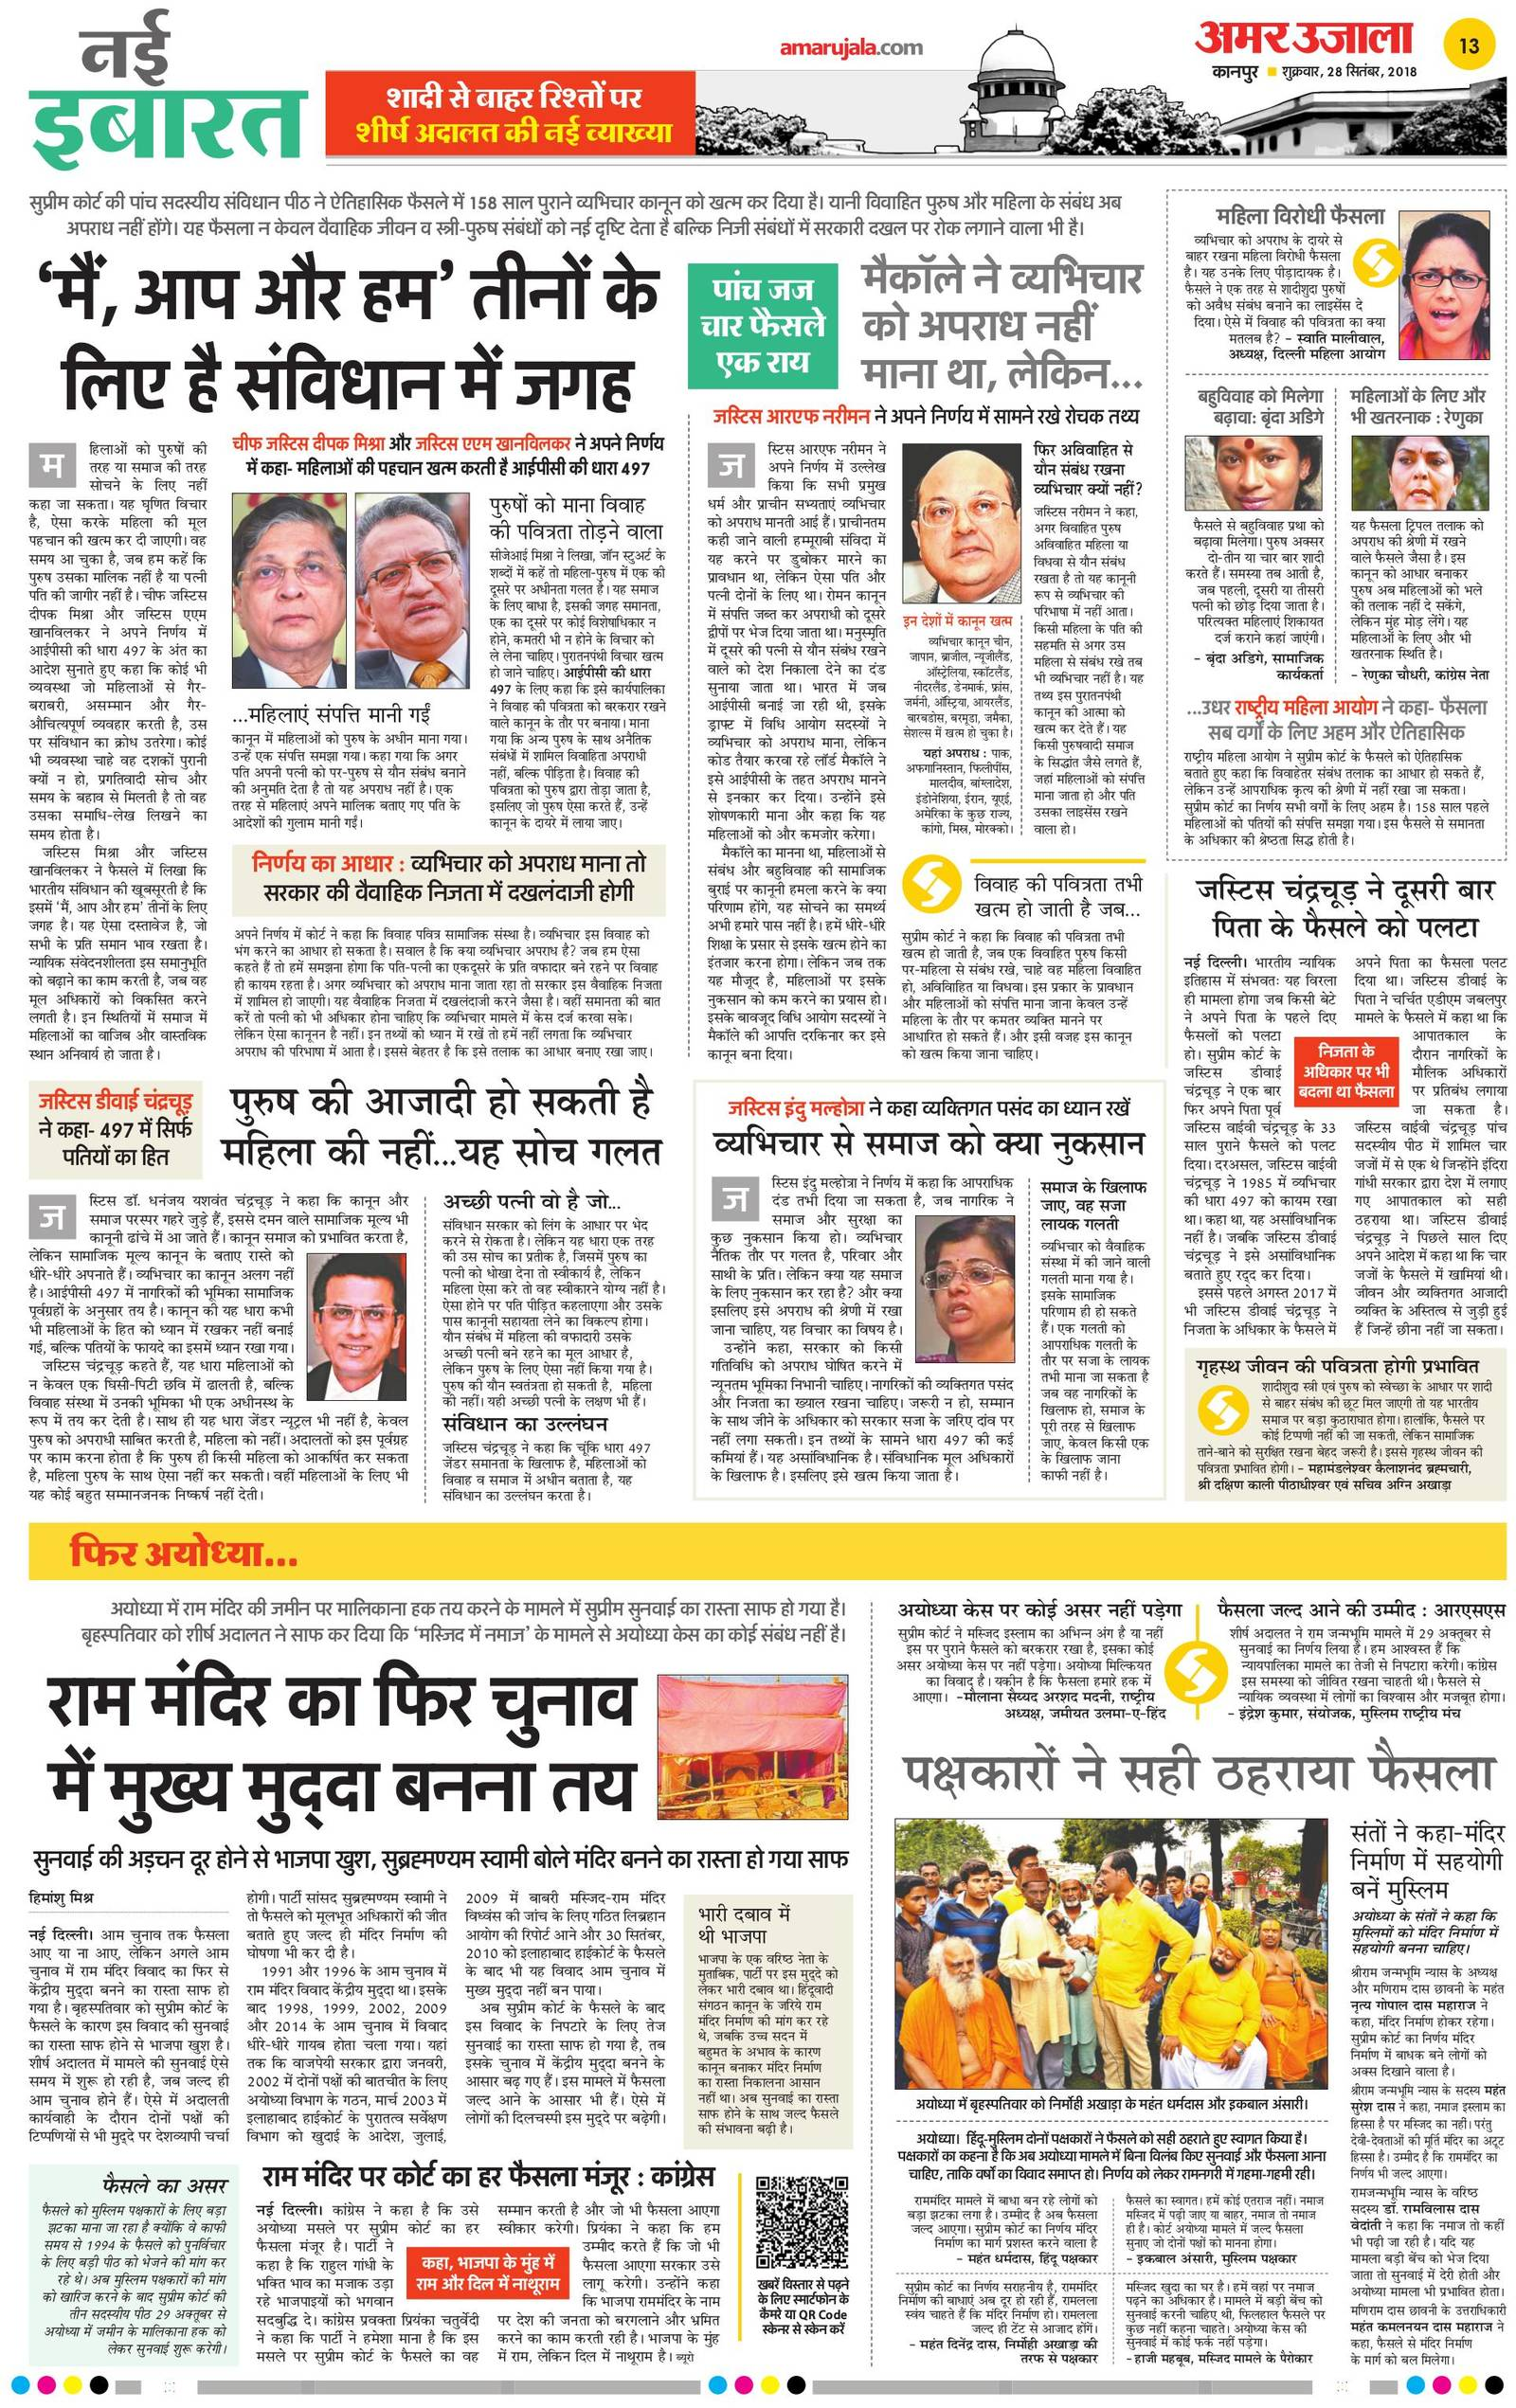 Amar ujala hindi news kanpur dehat